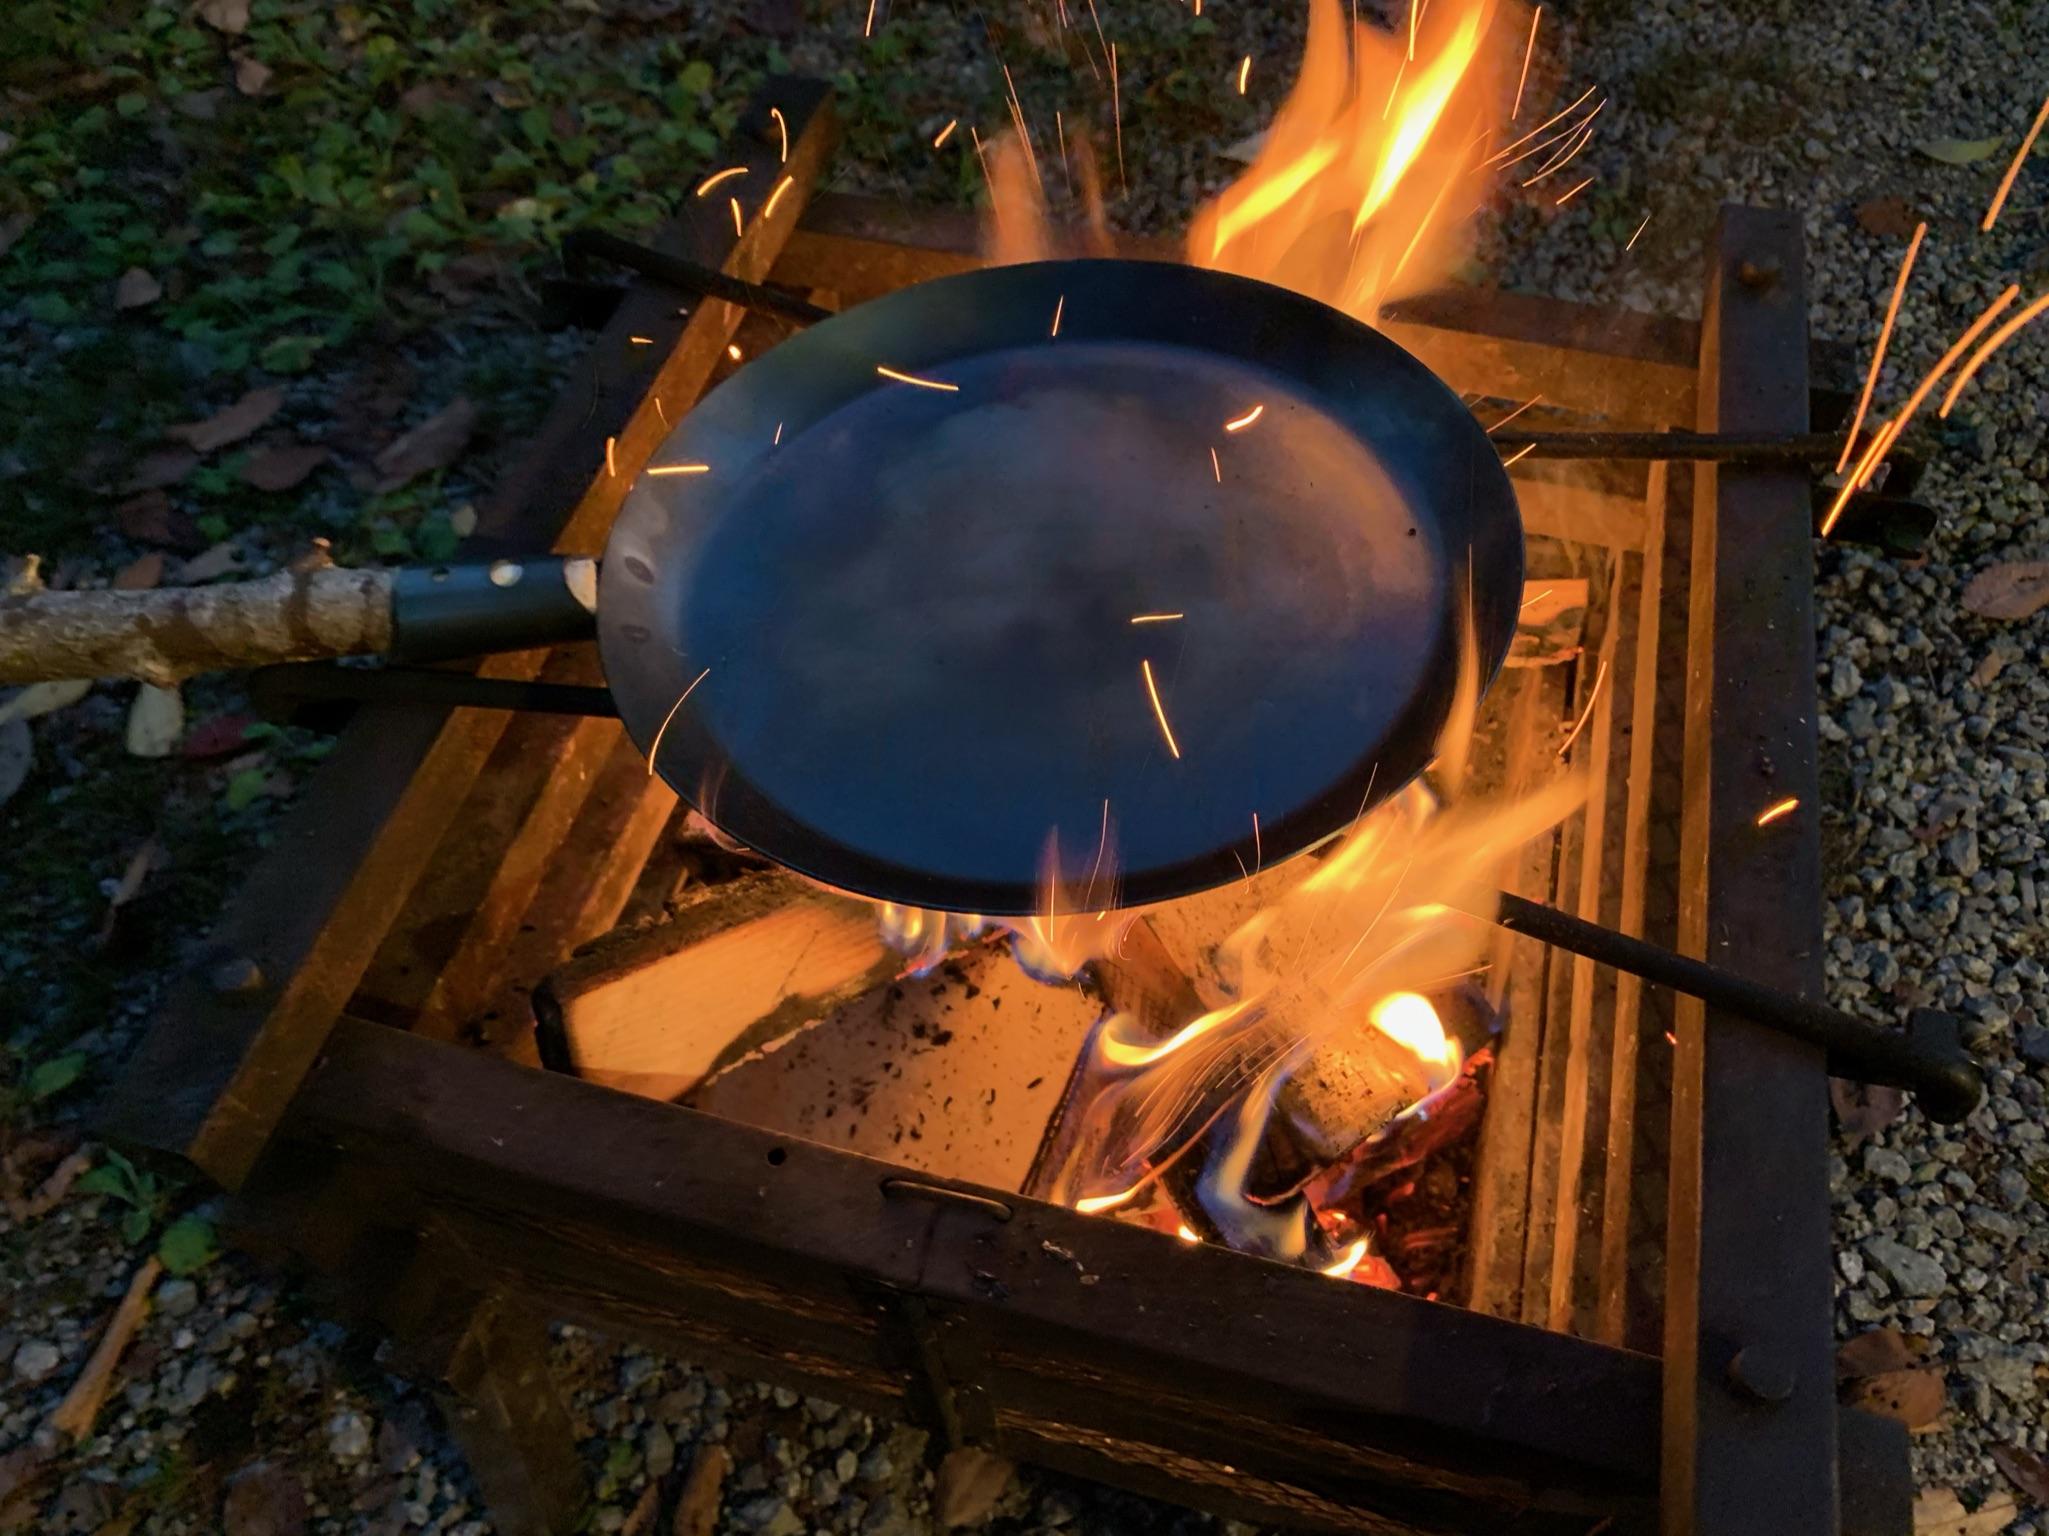 焚き火のために生まれたギア。Bush Craft Inc.「たき火フライパン」